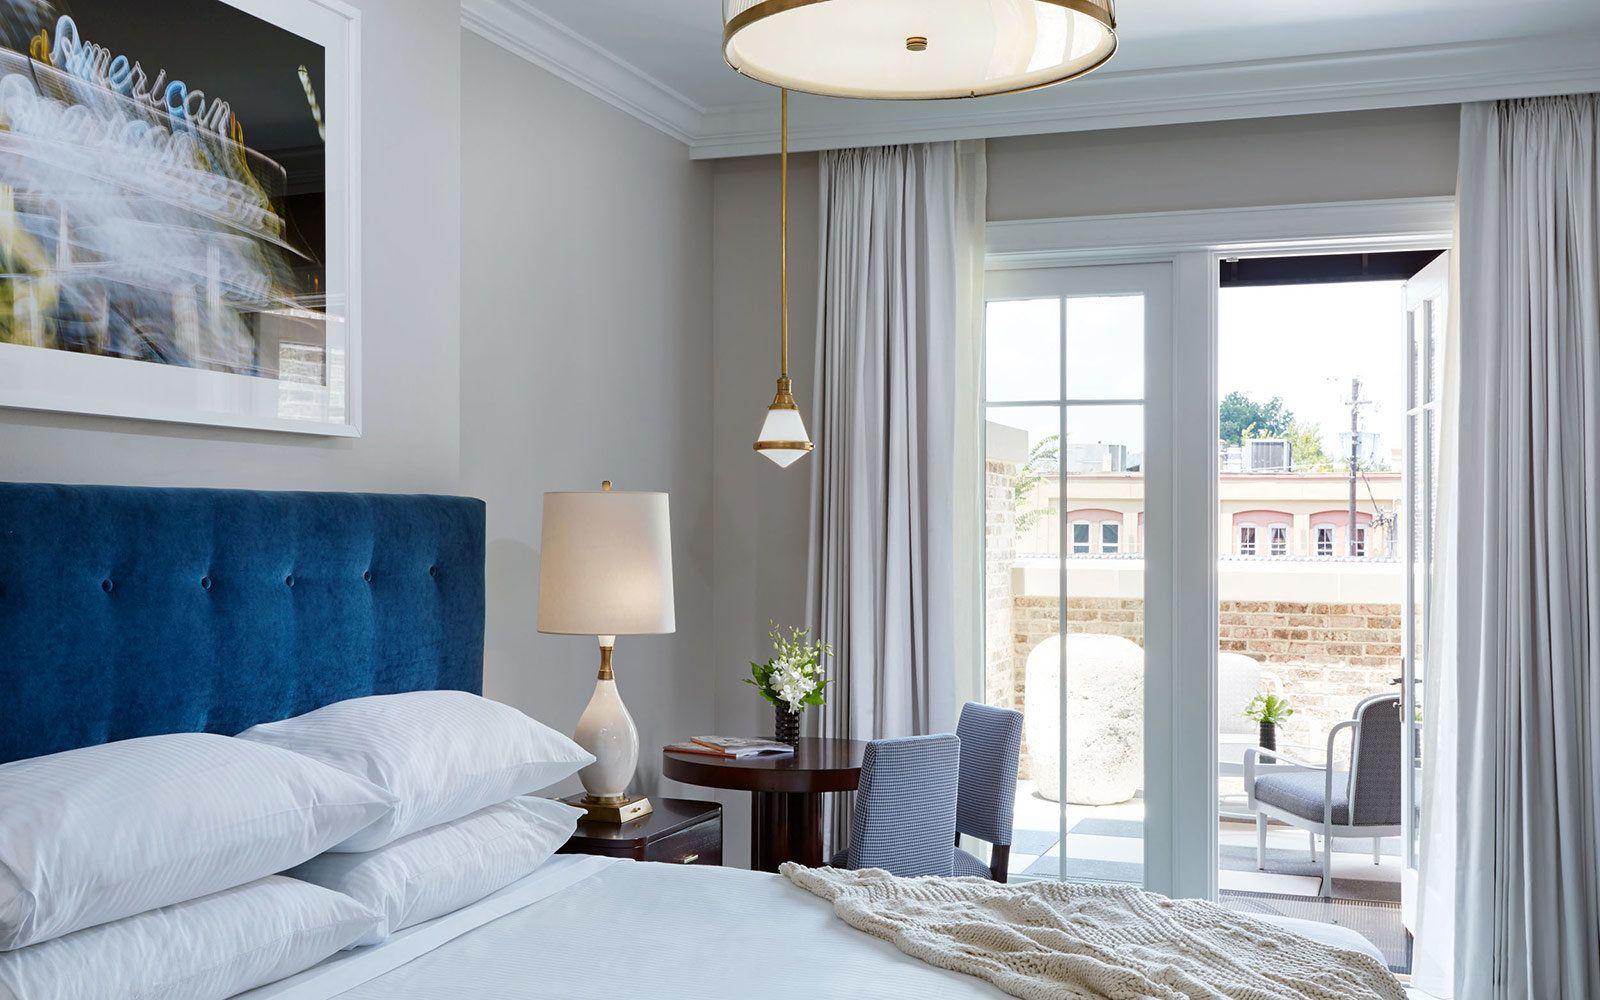 Charleston Hotels World S Best 2019 In 2020 Charleston Hotels Best Hotels Travel Leisure